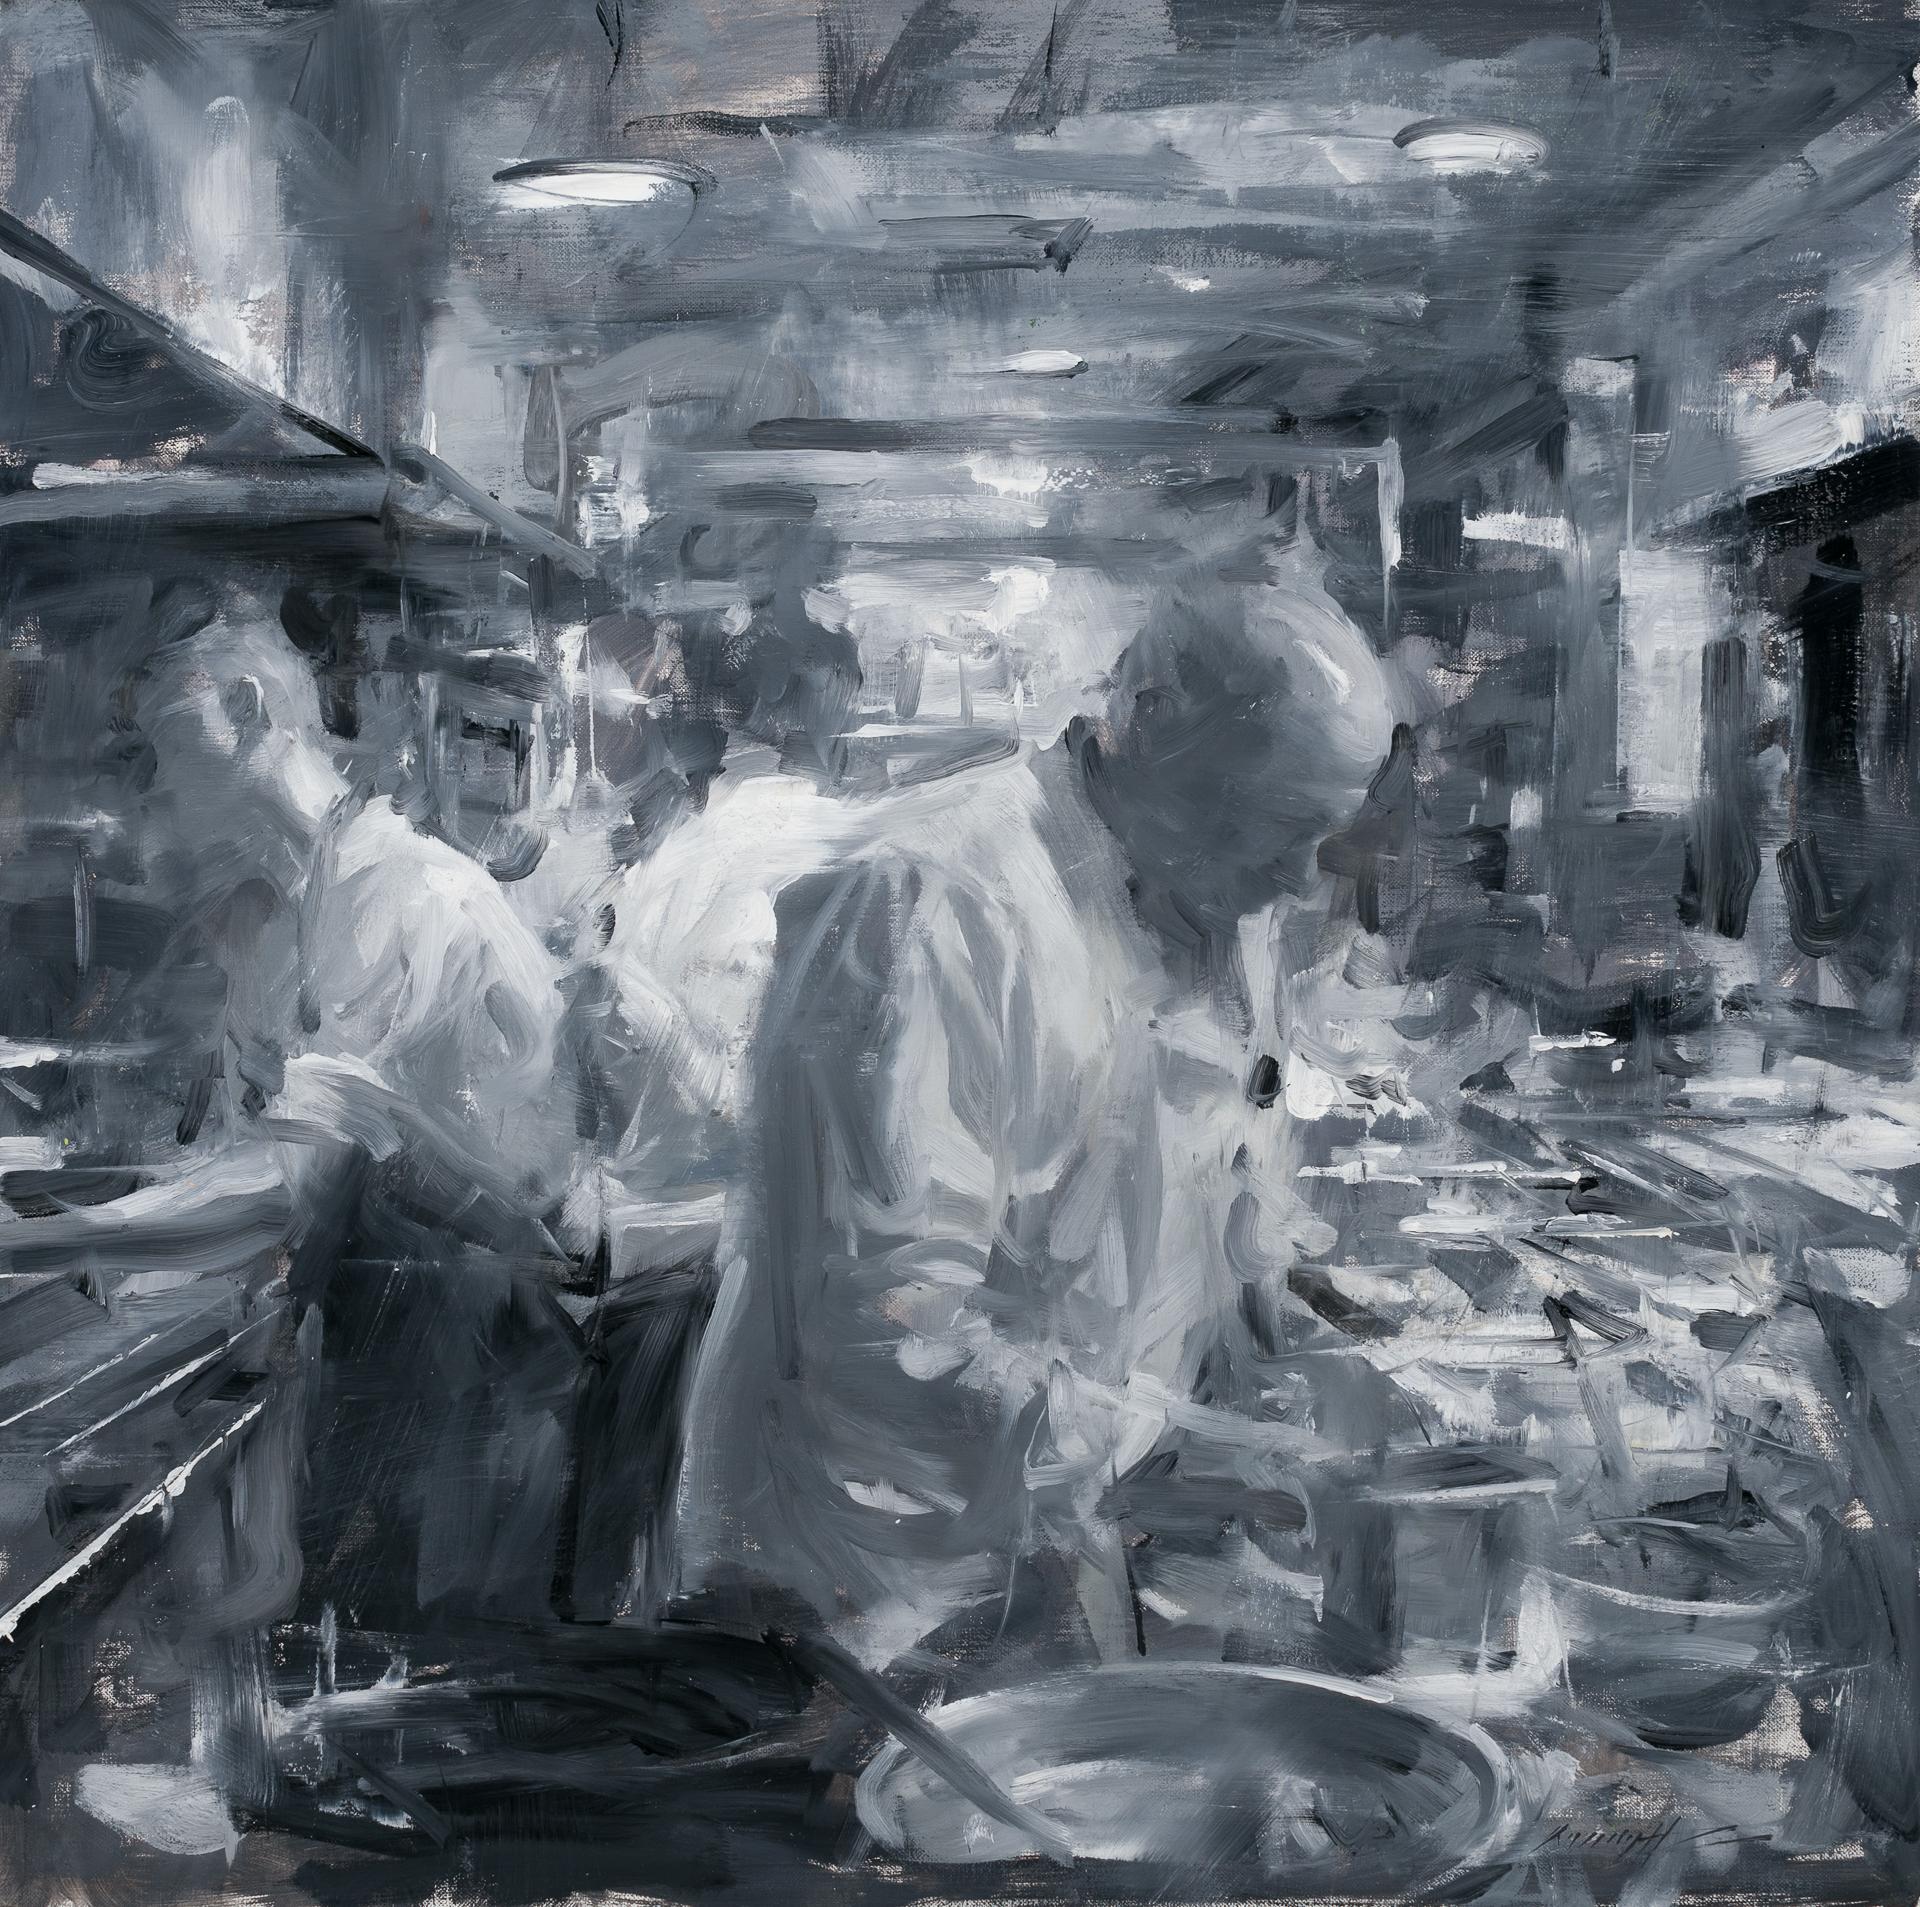 Chef Bonanno - Shades of Grey by Quang Ho